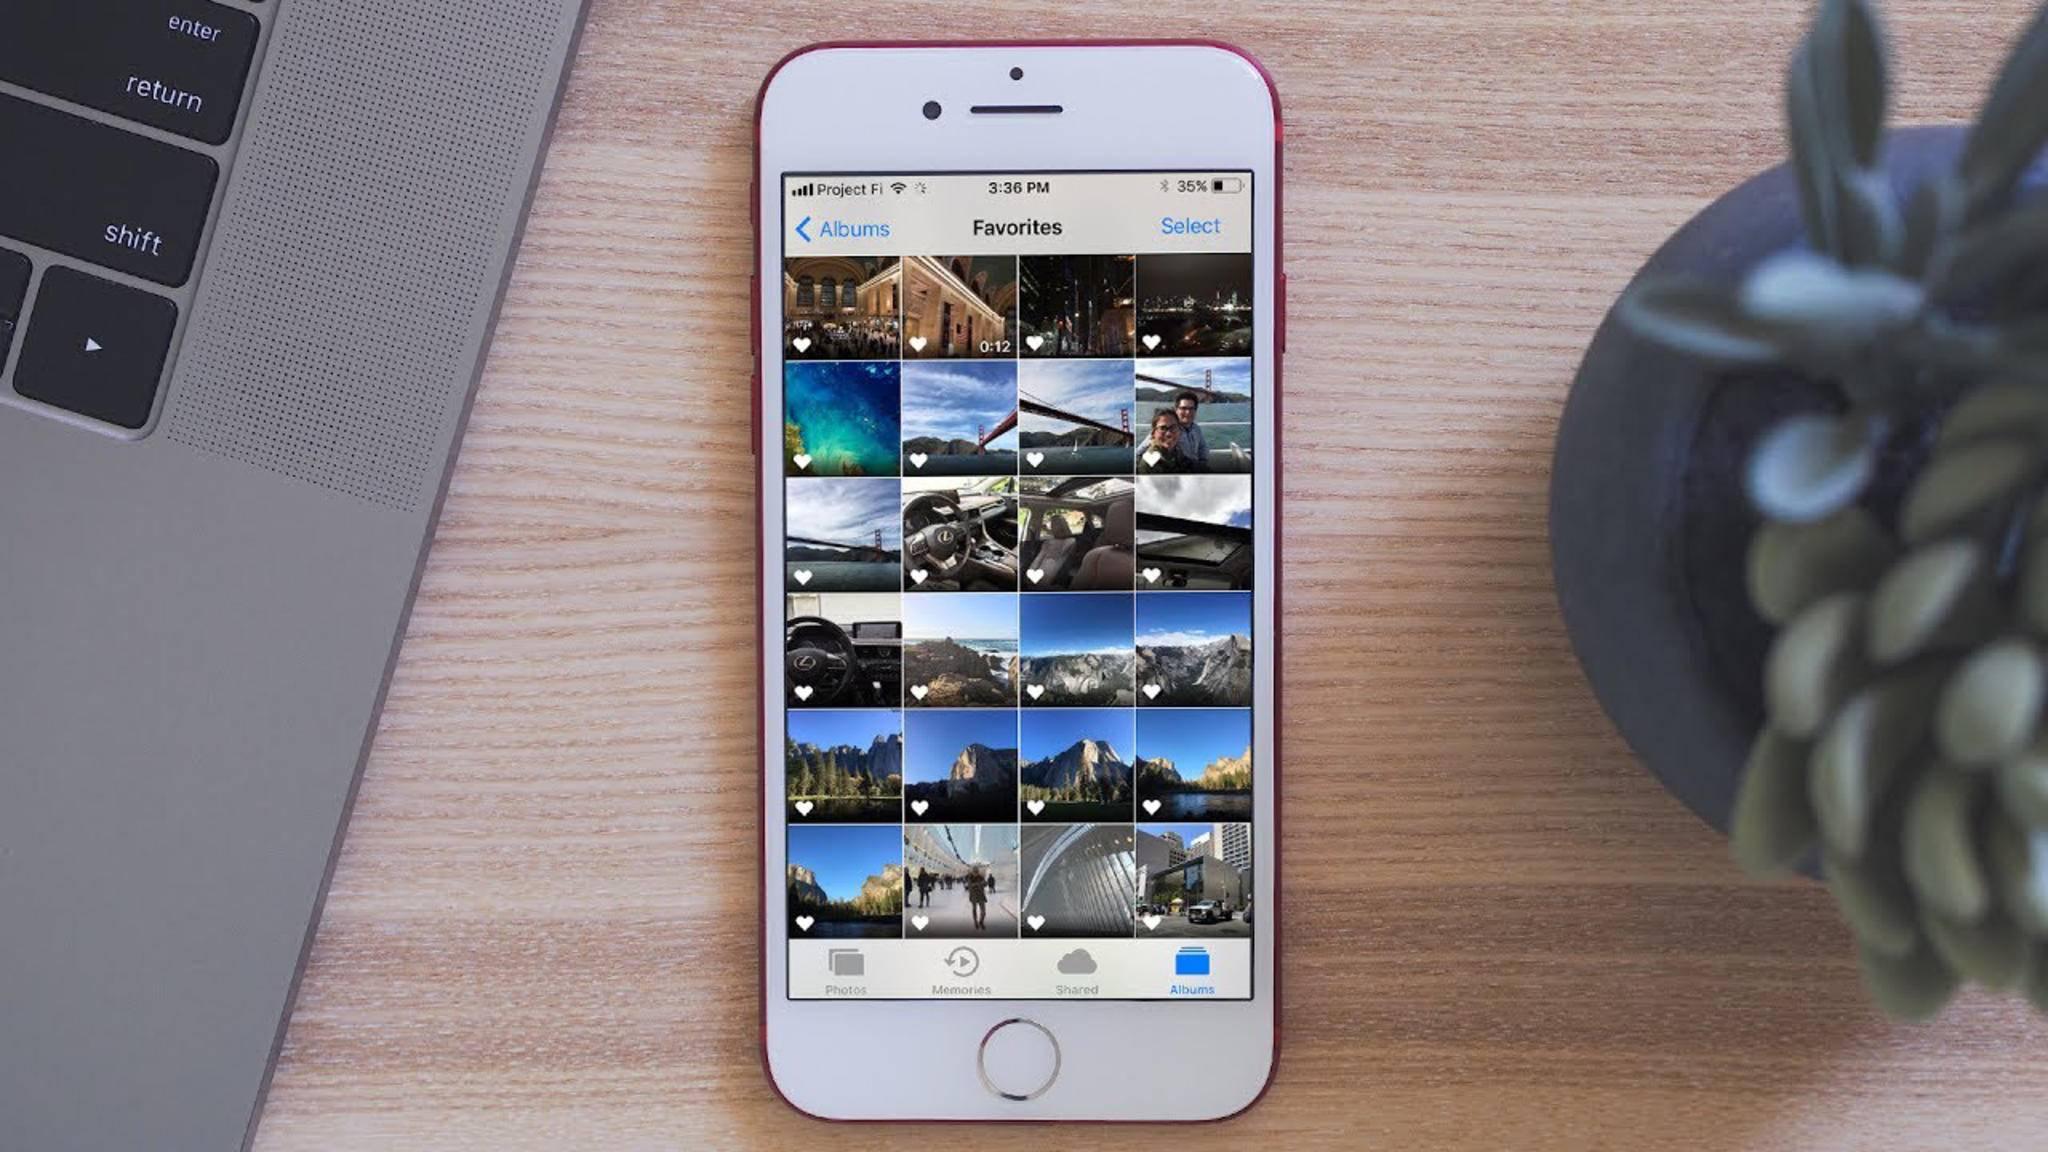 Das kannst Du tun, wenn Du Fotos auf Deinem iPhone vermisst.